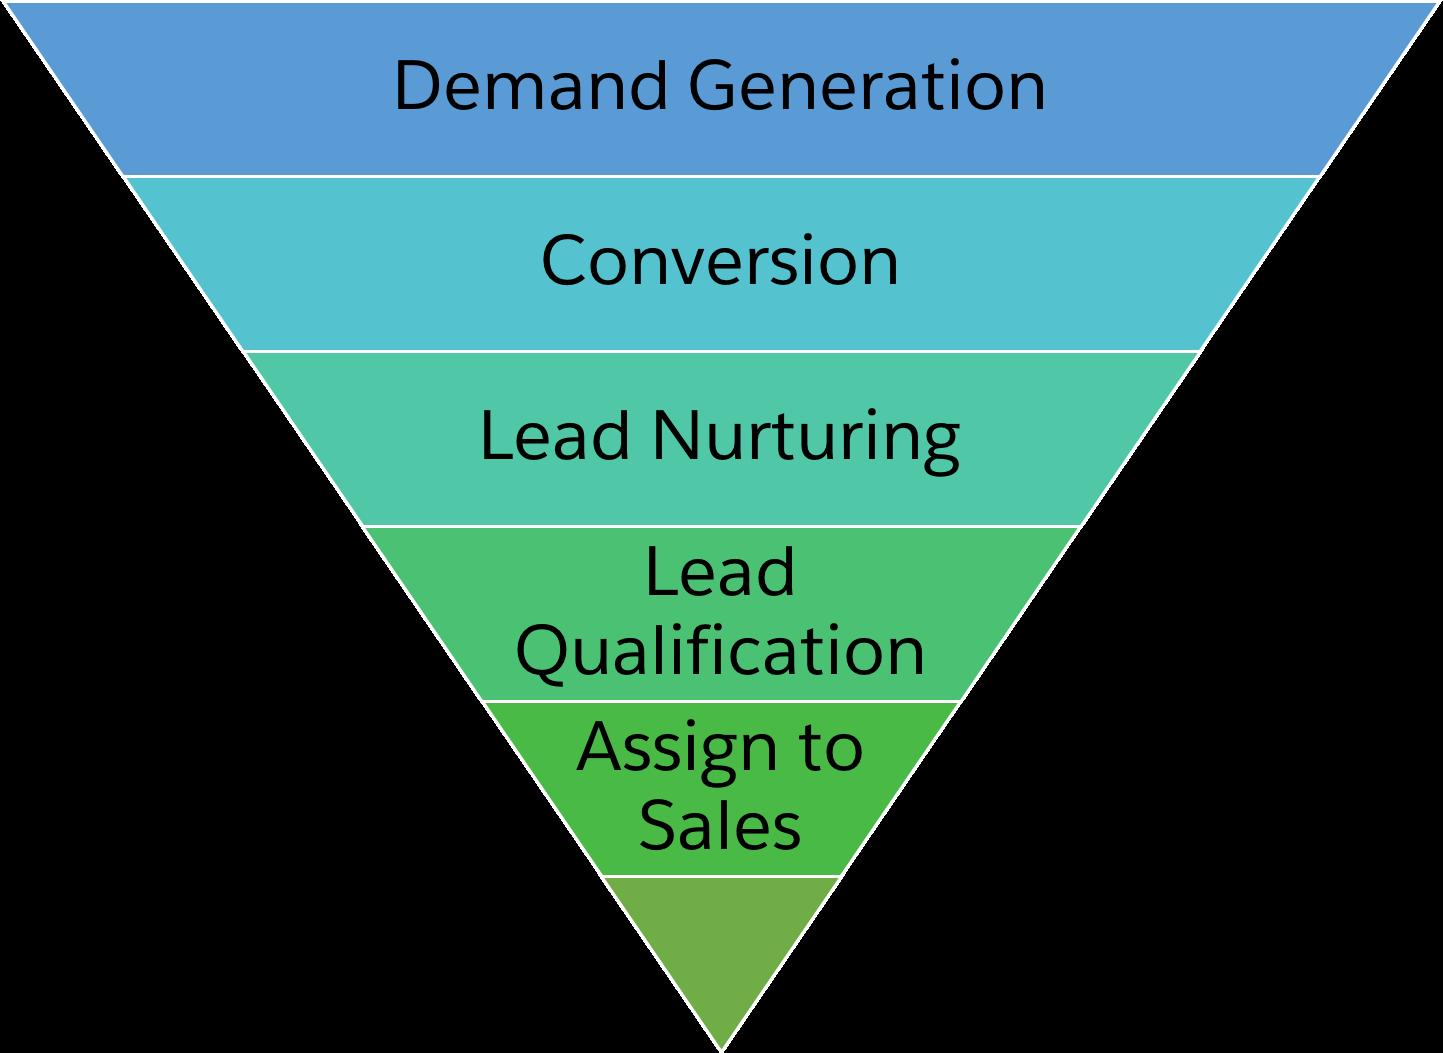 Trichterdiagramm, das den typischen Weg eines potenziellen Kunden in Pardot zeigt. Der Trichter beginnt an der breitesten Stelle mit der Phase 'Nachfrageerzeugung' (Demand Generation), auf die die Phasen 'Konvertierung' (Conversion), 'Lead-Pflege' (Lead Nurturing), 'Lead-Qualifizierung' (Lead Qualification) und 'Übergabe an Vertrieb' (Assign to Sales) an der Trichterspitze folgen.